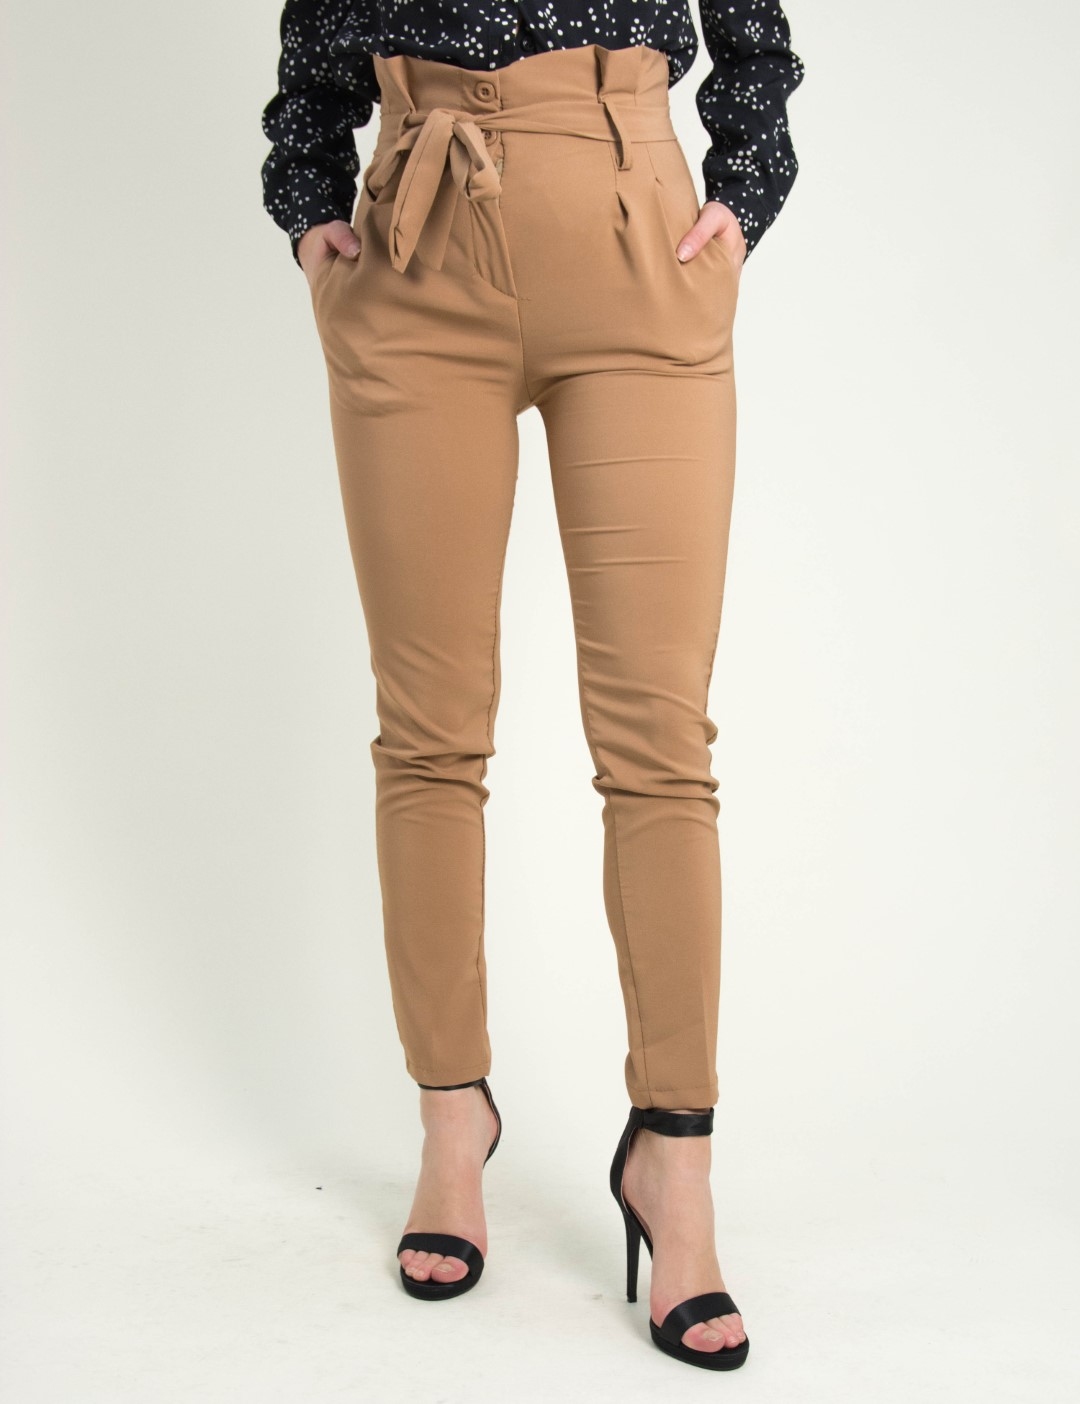 Γυναικεία μόκα ψηλόμεσο υφασμάτινο παντελόνι 151211M 5b264899098